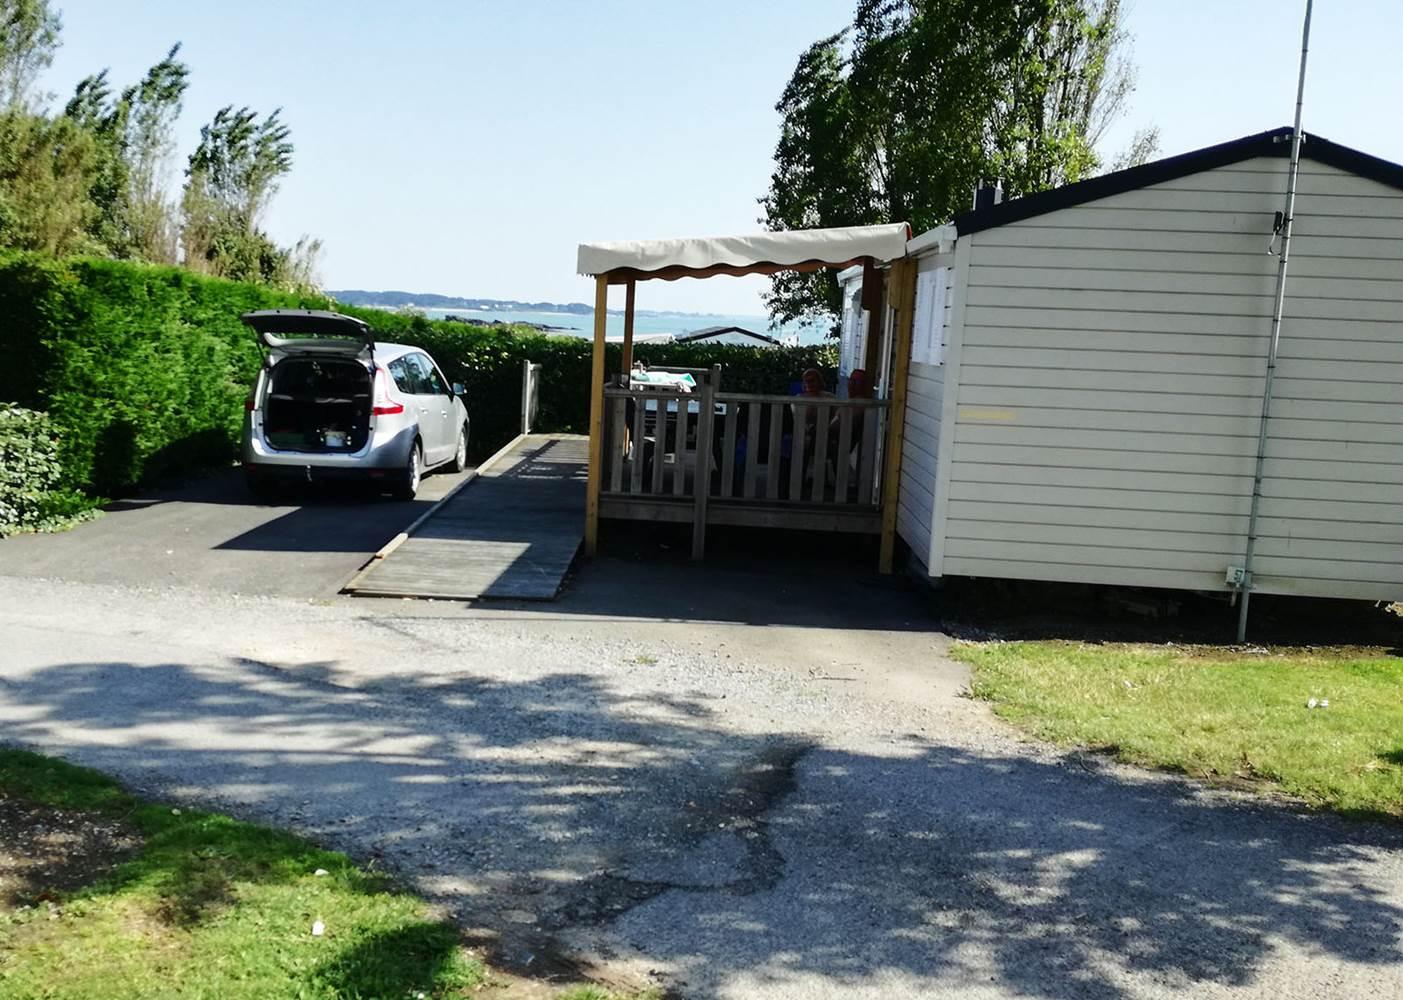 Emplacement du mobil home PMR avec rampe ©